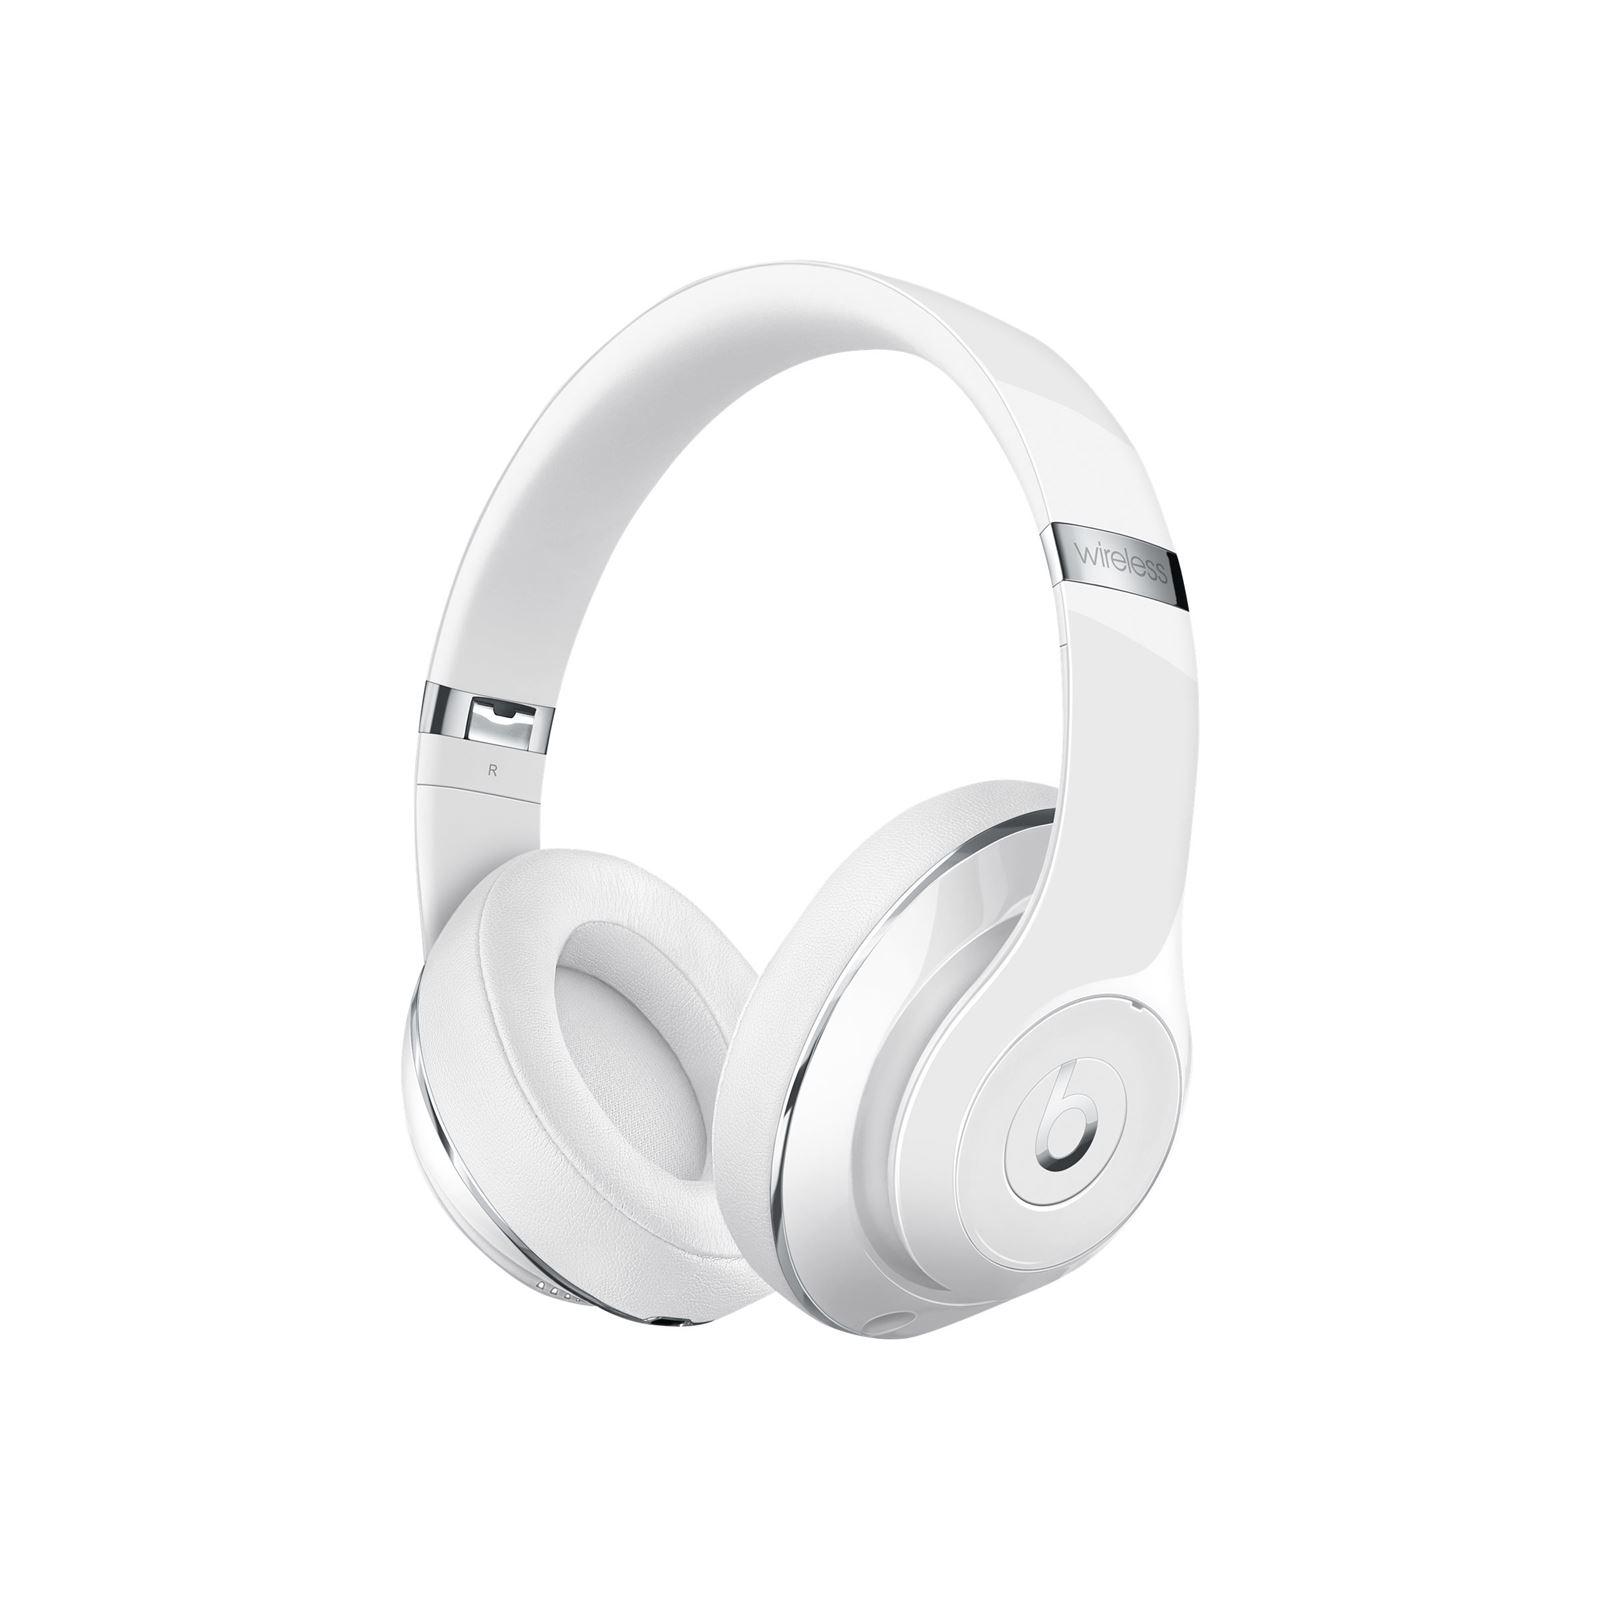 Beats Studio Wireless Headphones - Gloss White